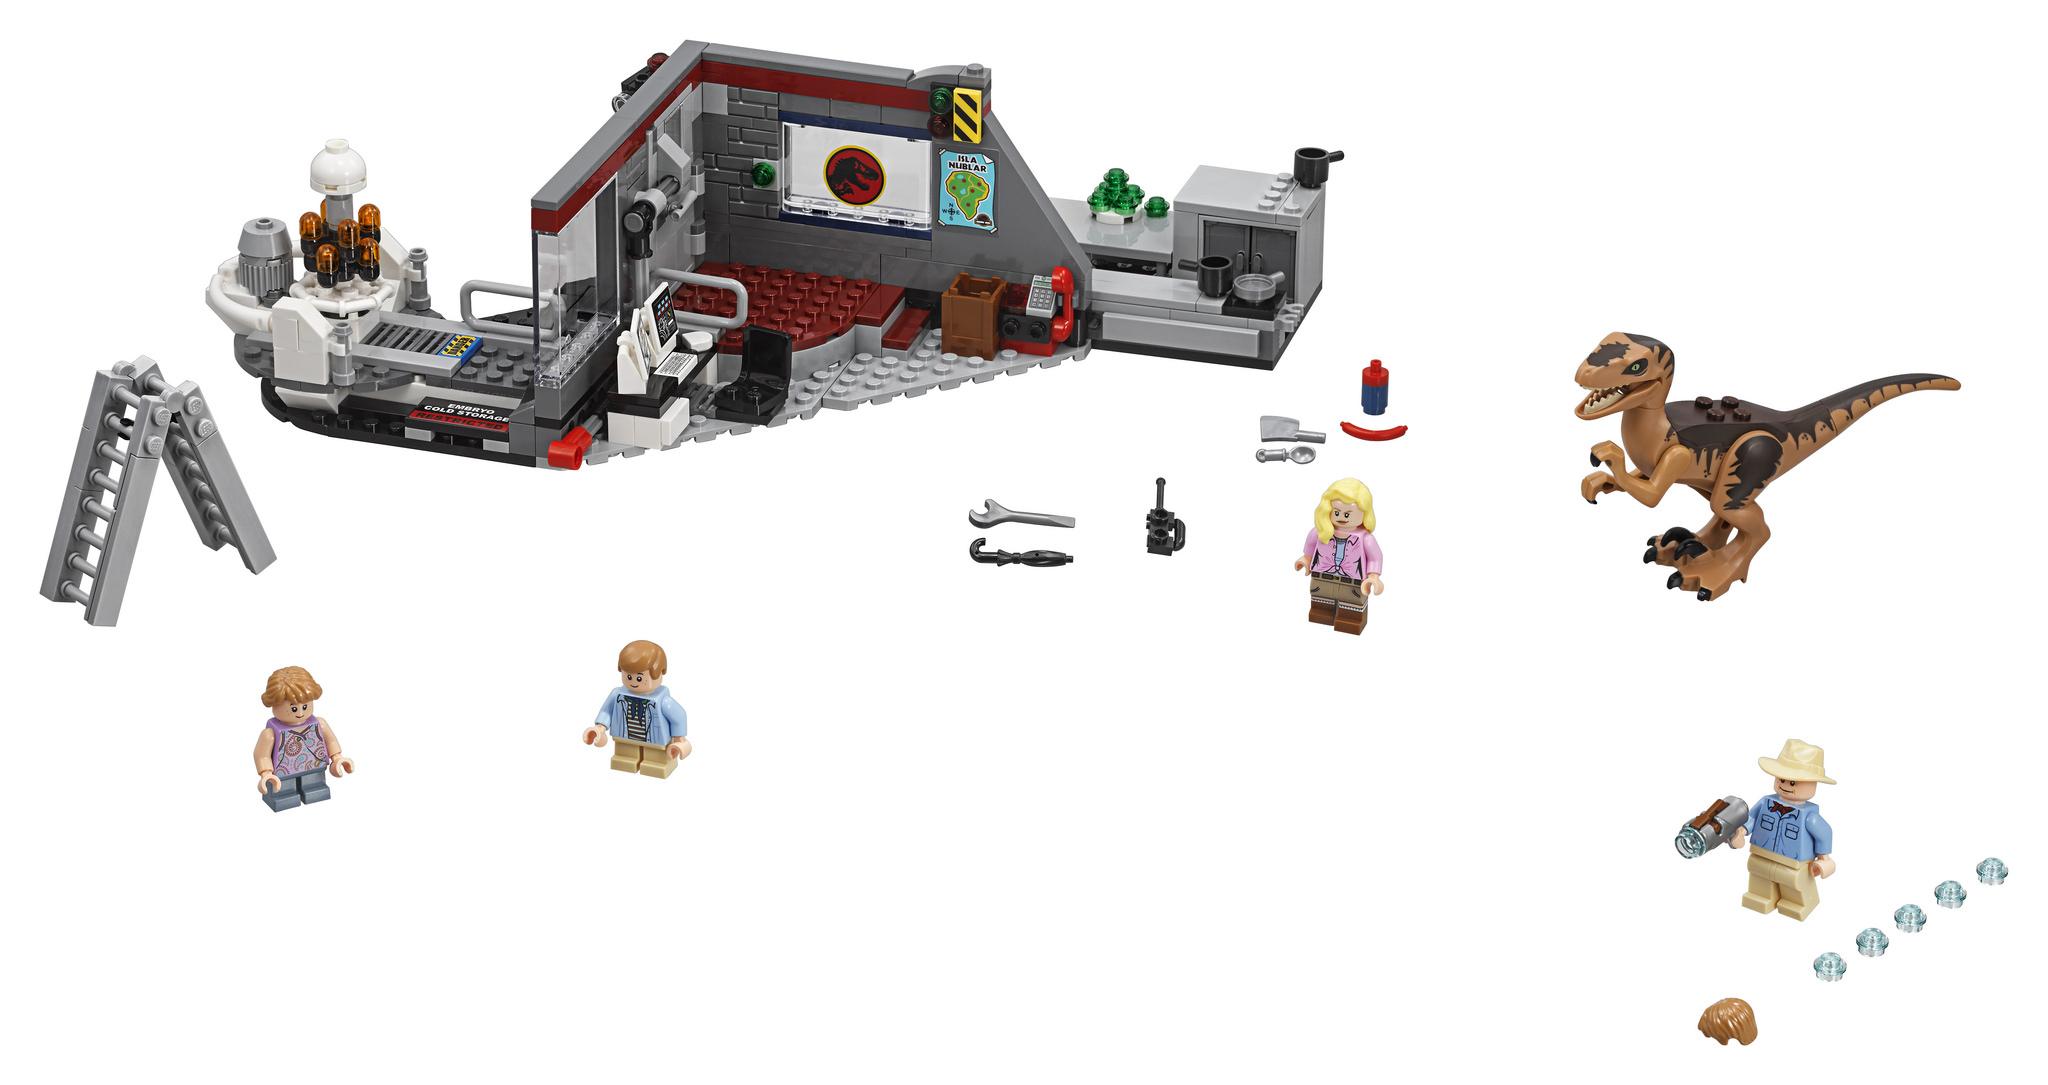 Big Lego Build Sets